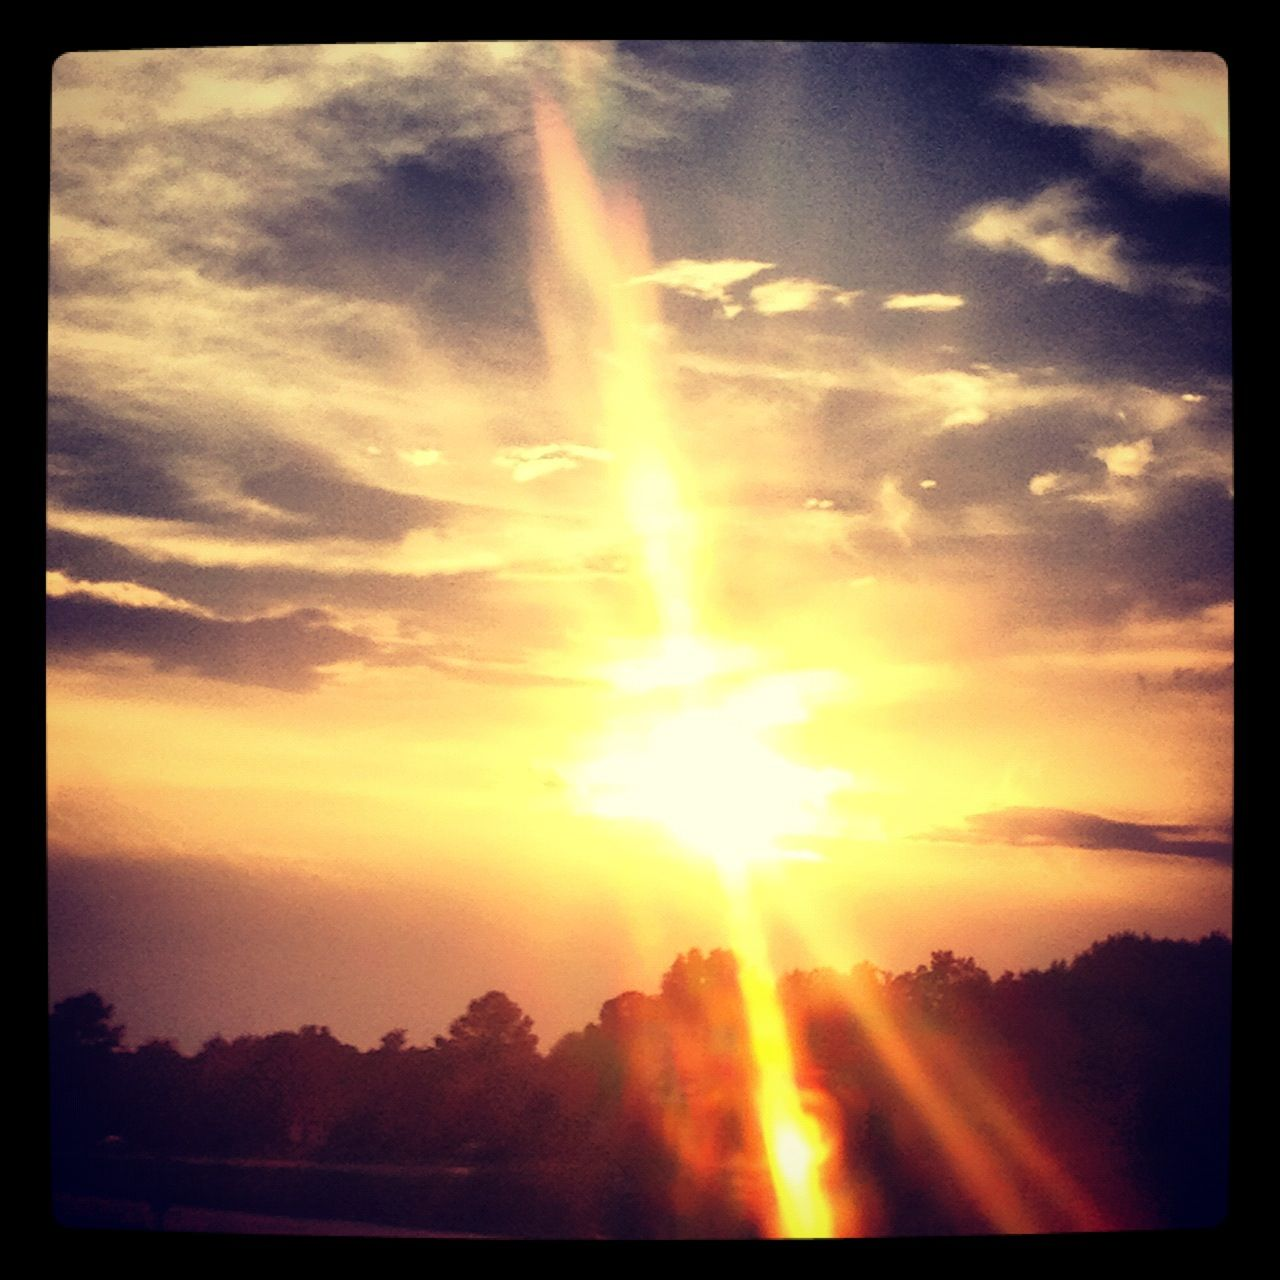 God's creation | I Heart Sunsets | Pinterest